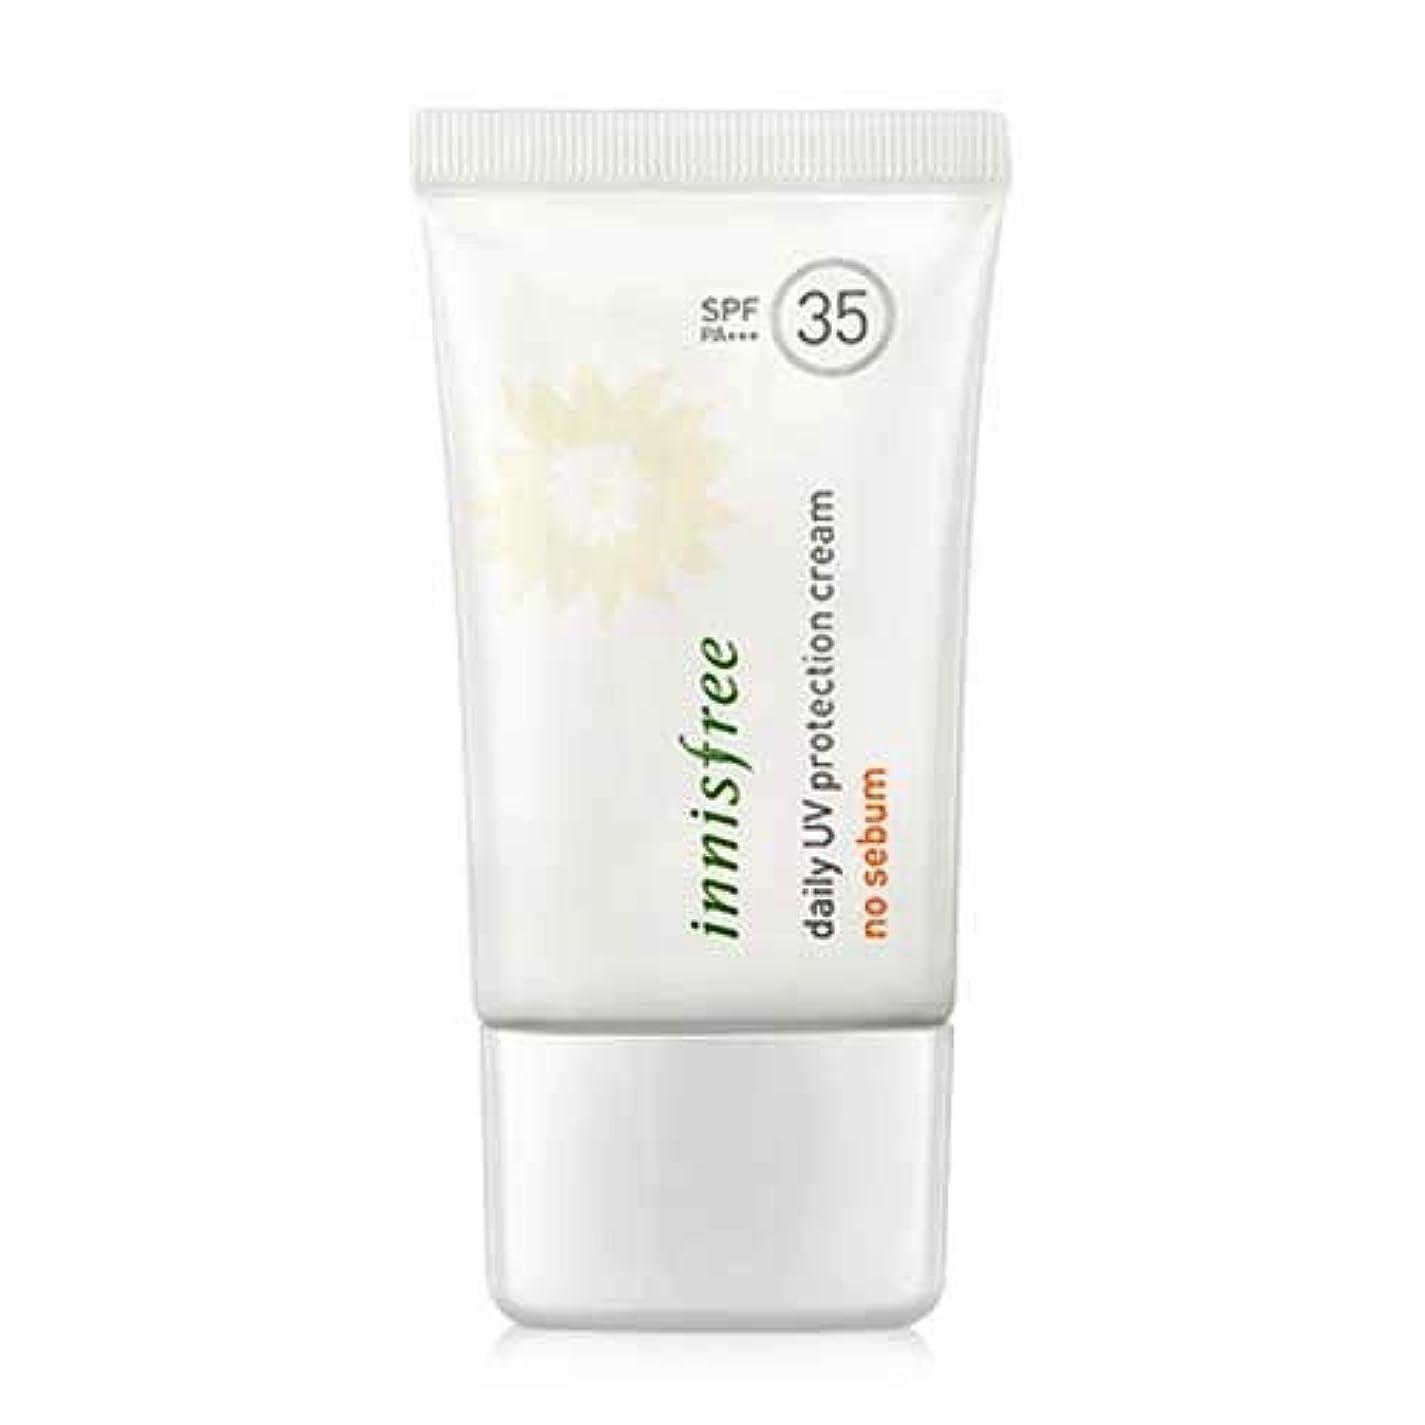 主婦かなりほめる(3 Pack) INNISFREE Daily UV Protection Cream No Sebum SPF35 PA+++ (並行輸入品)